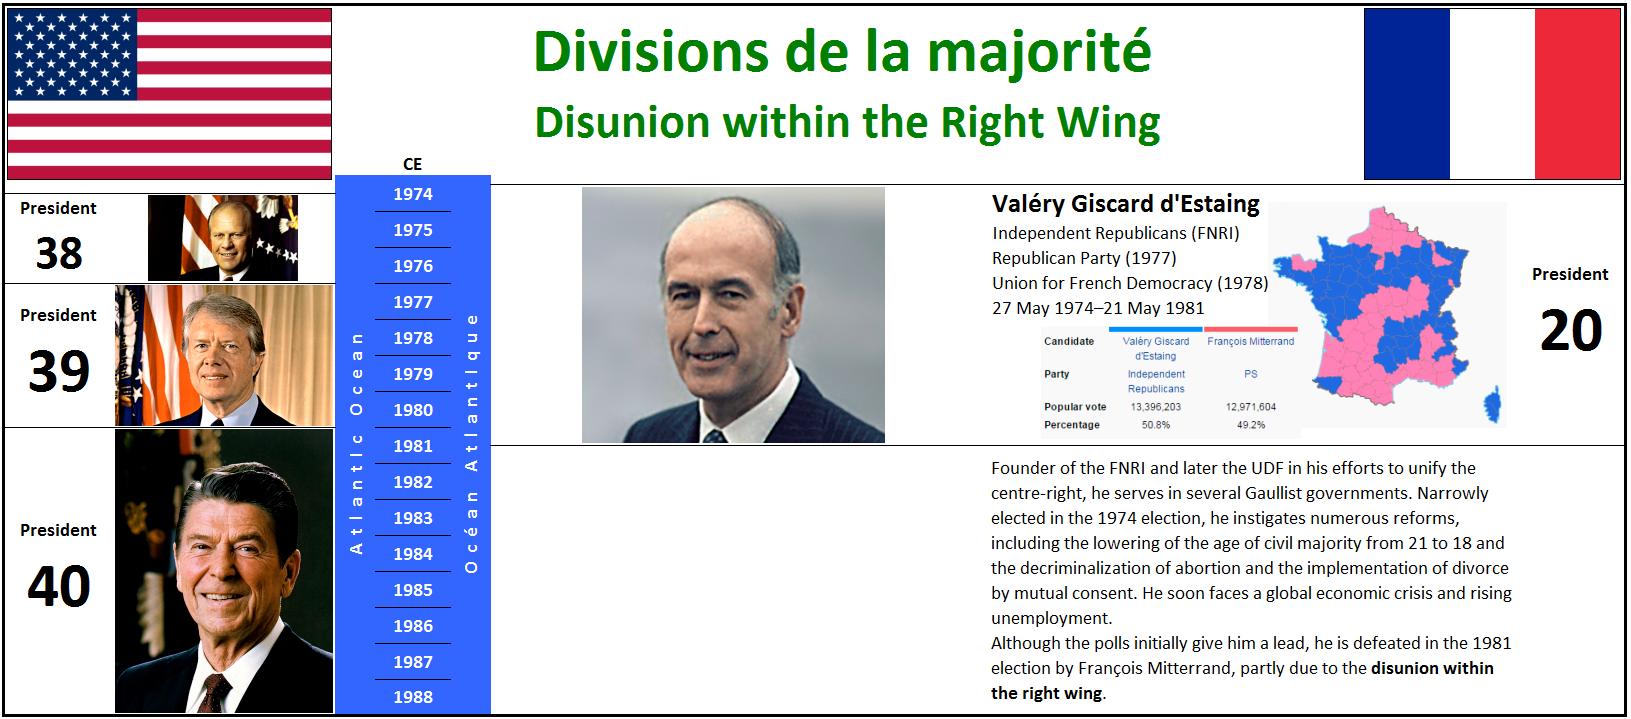 1974 Divisions de la majorité